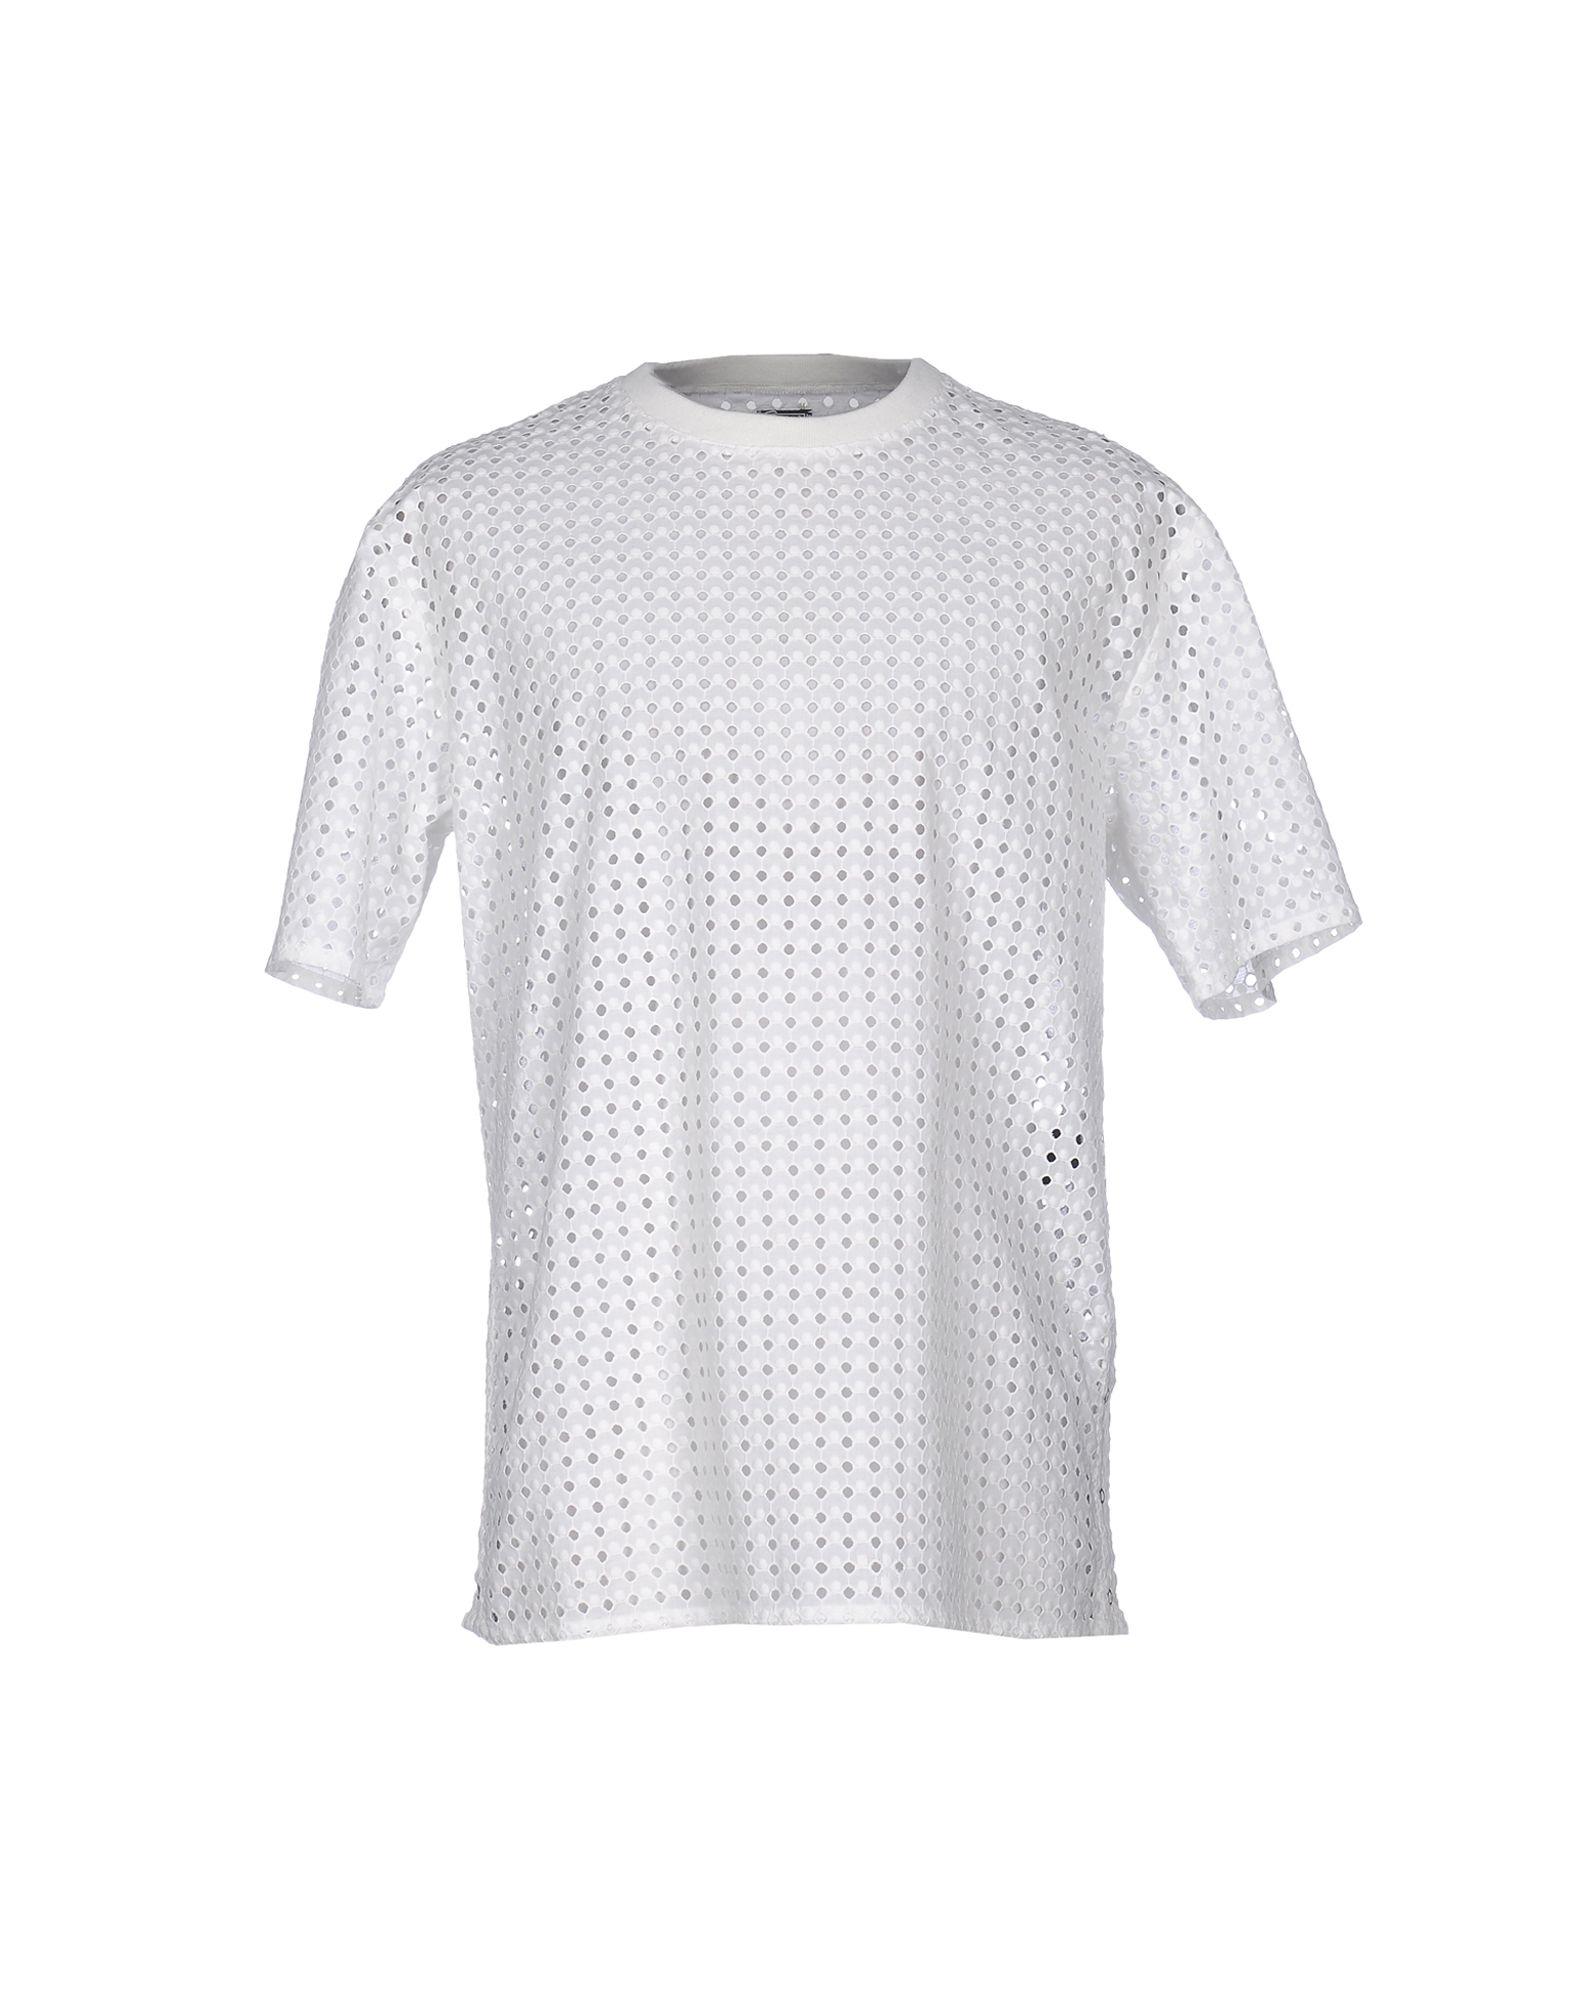 T-Shirt 1205 Uomo - Acquista online su